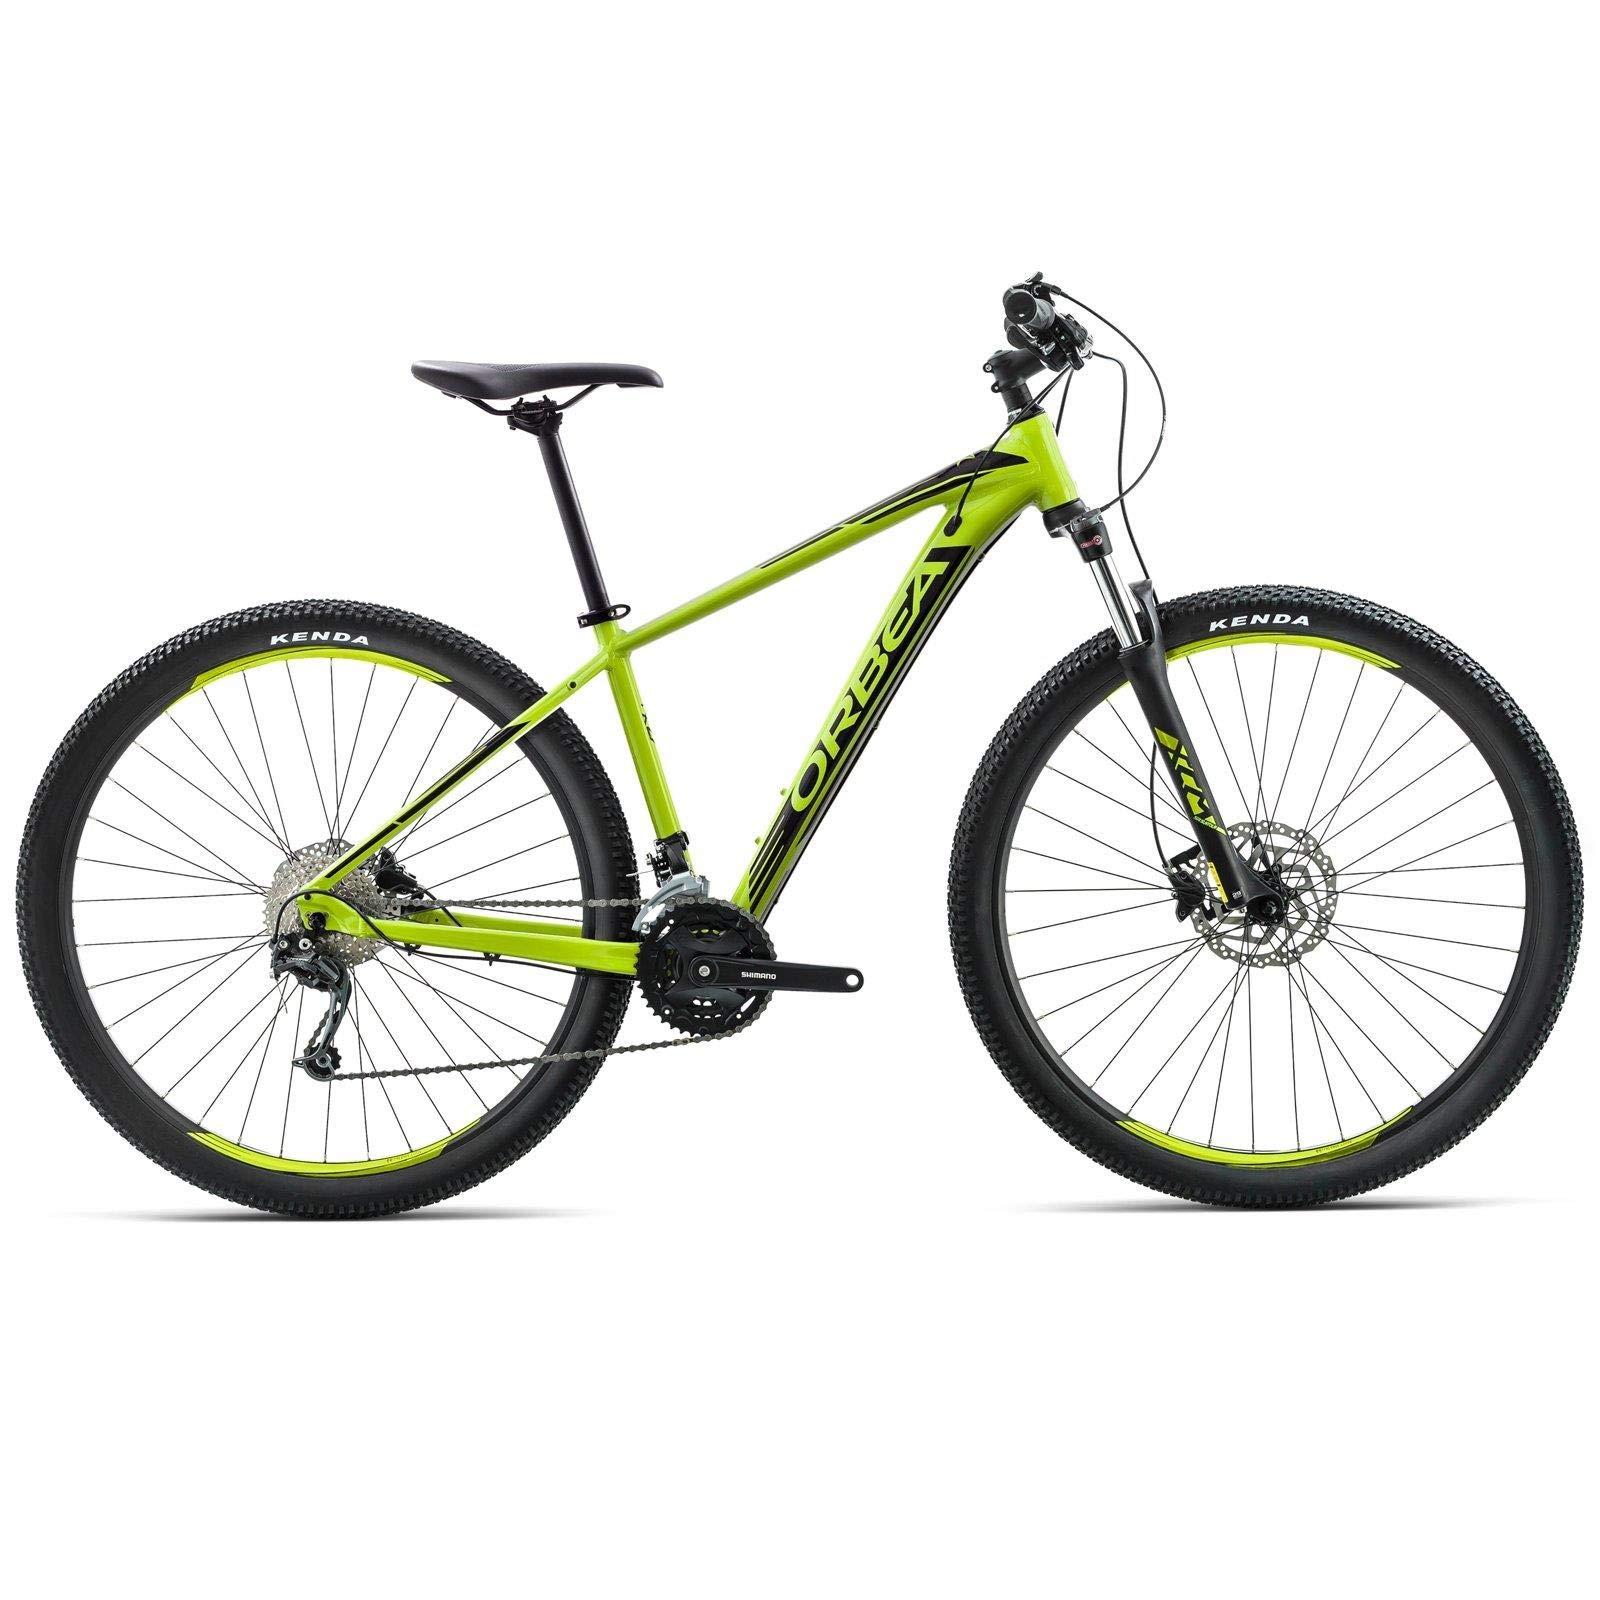 Orbea MX 40 m 29 pulgadas bicicleta de montaña 9 velocidades ...